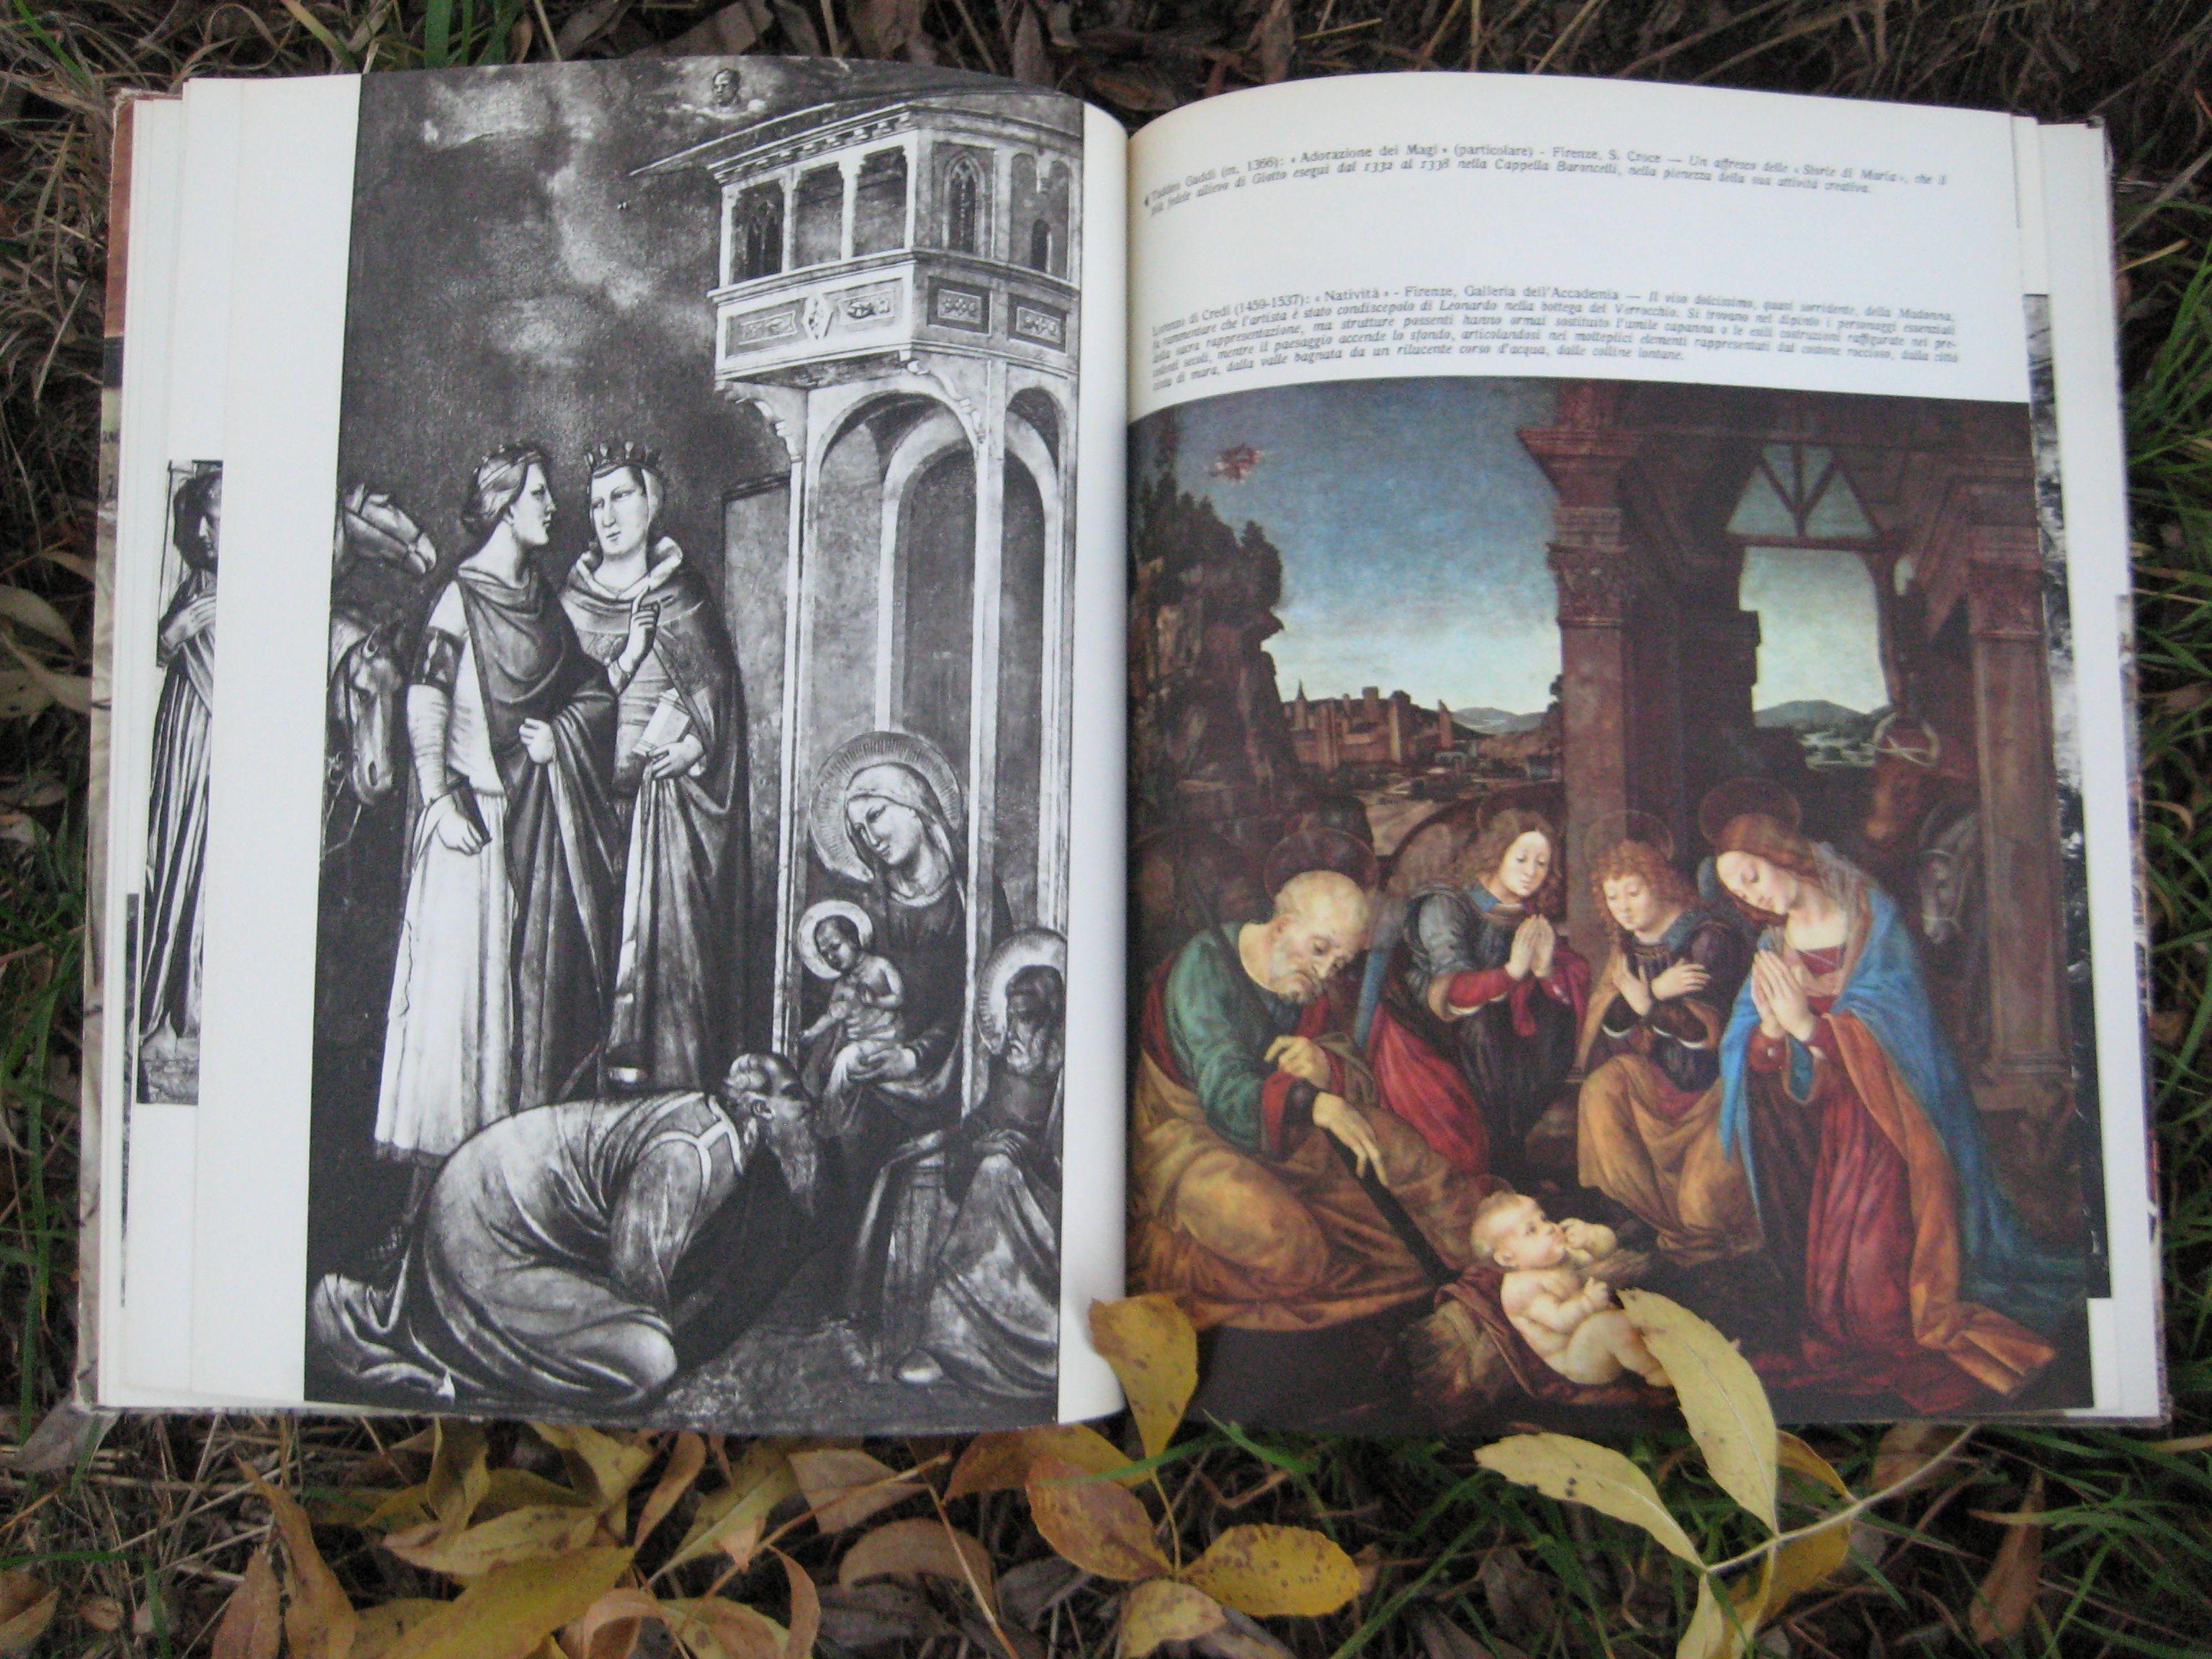 Navidad. Pesebre en el bosque. #vintagebooks #oldbooks #librosantiguos #libros #navidad